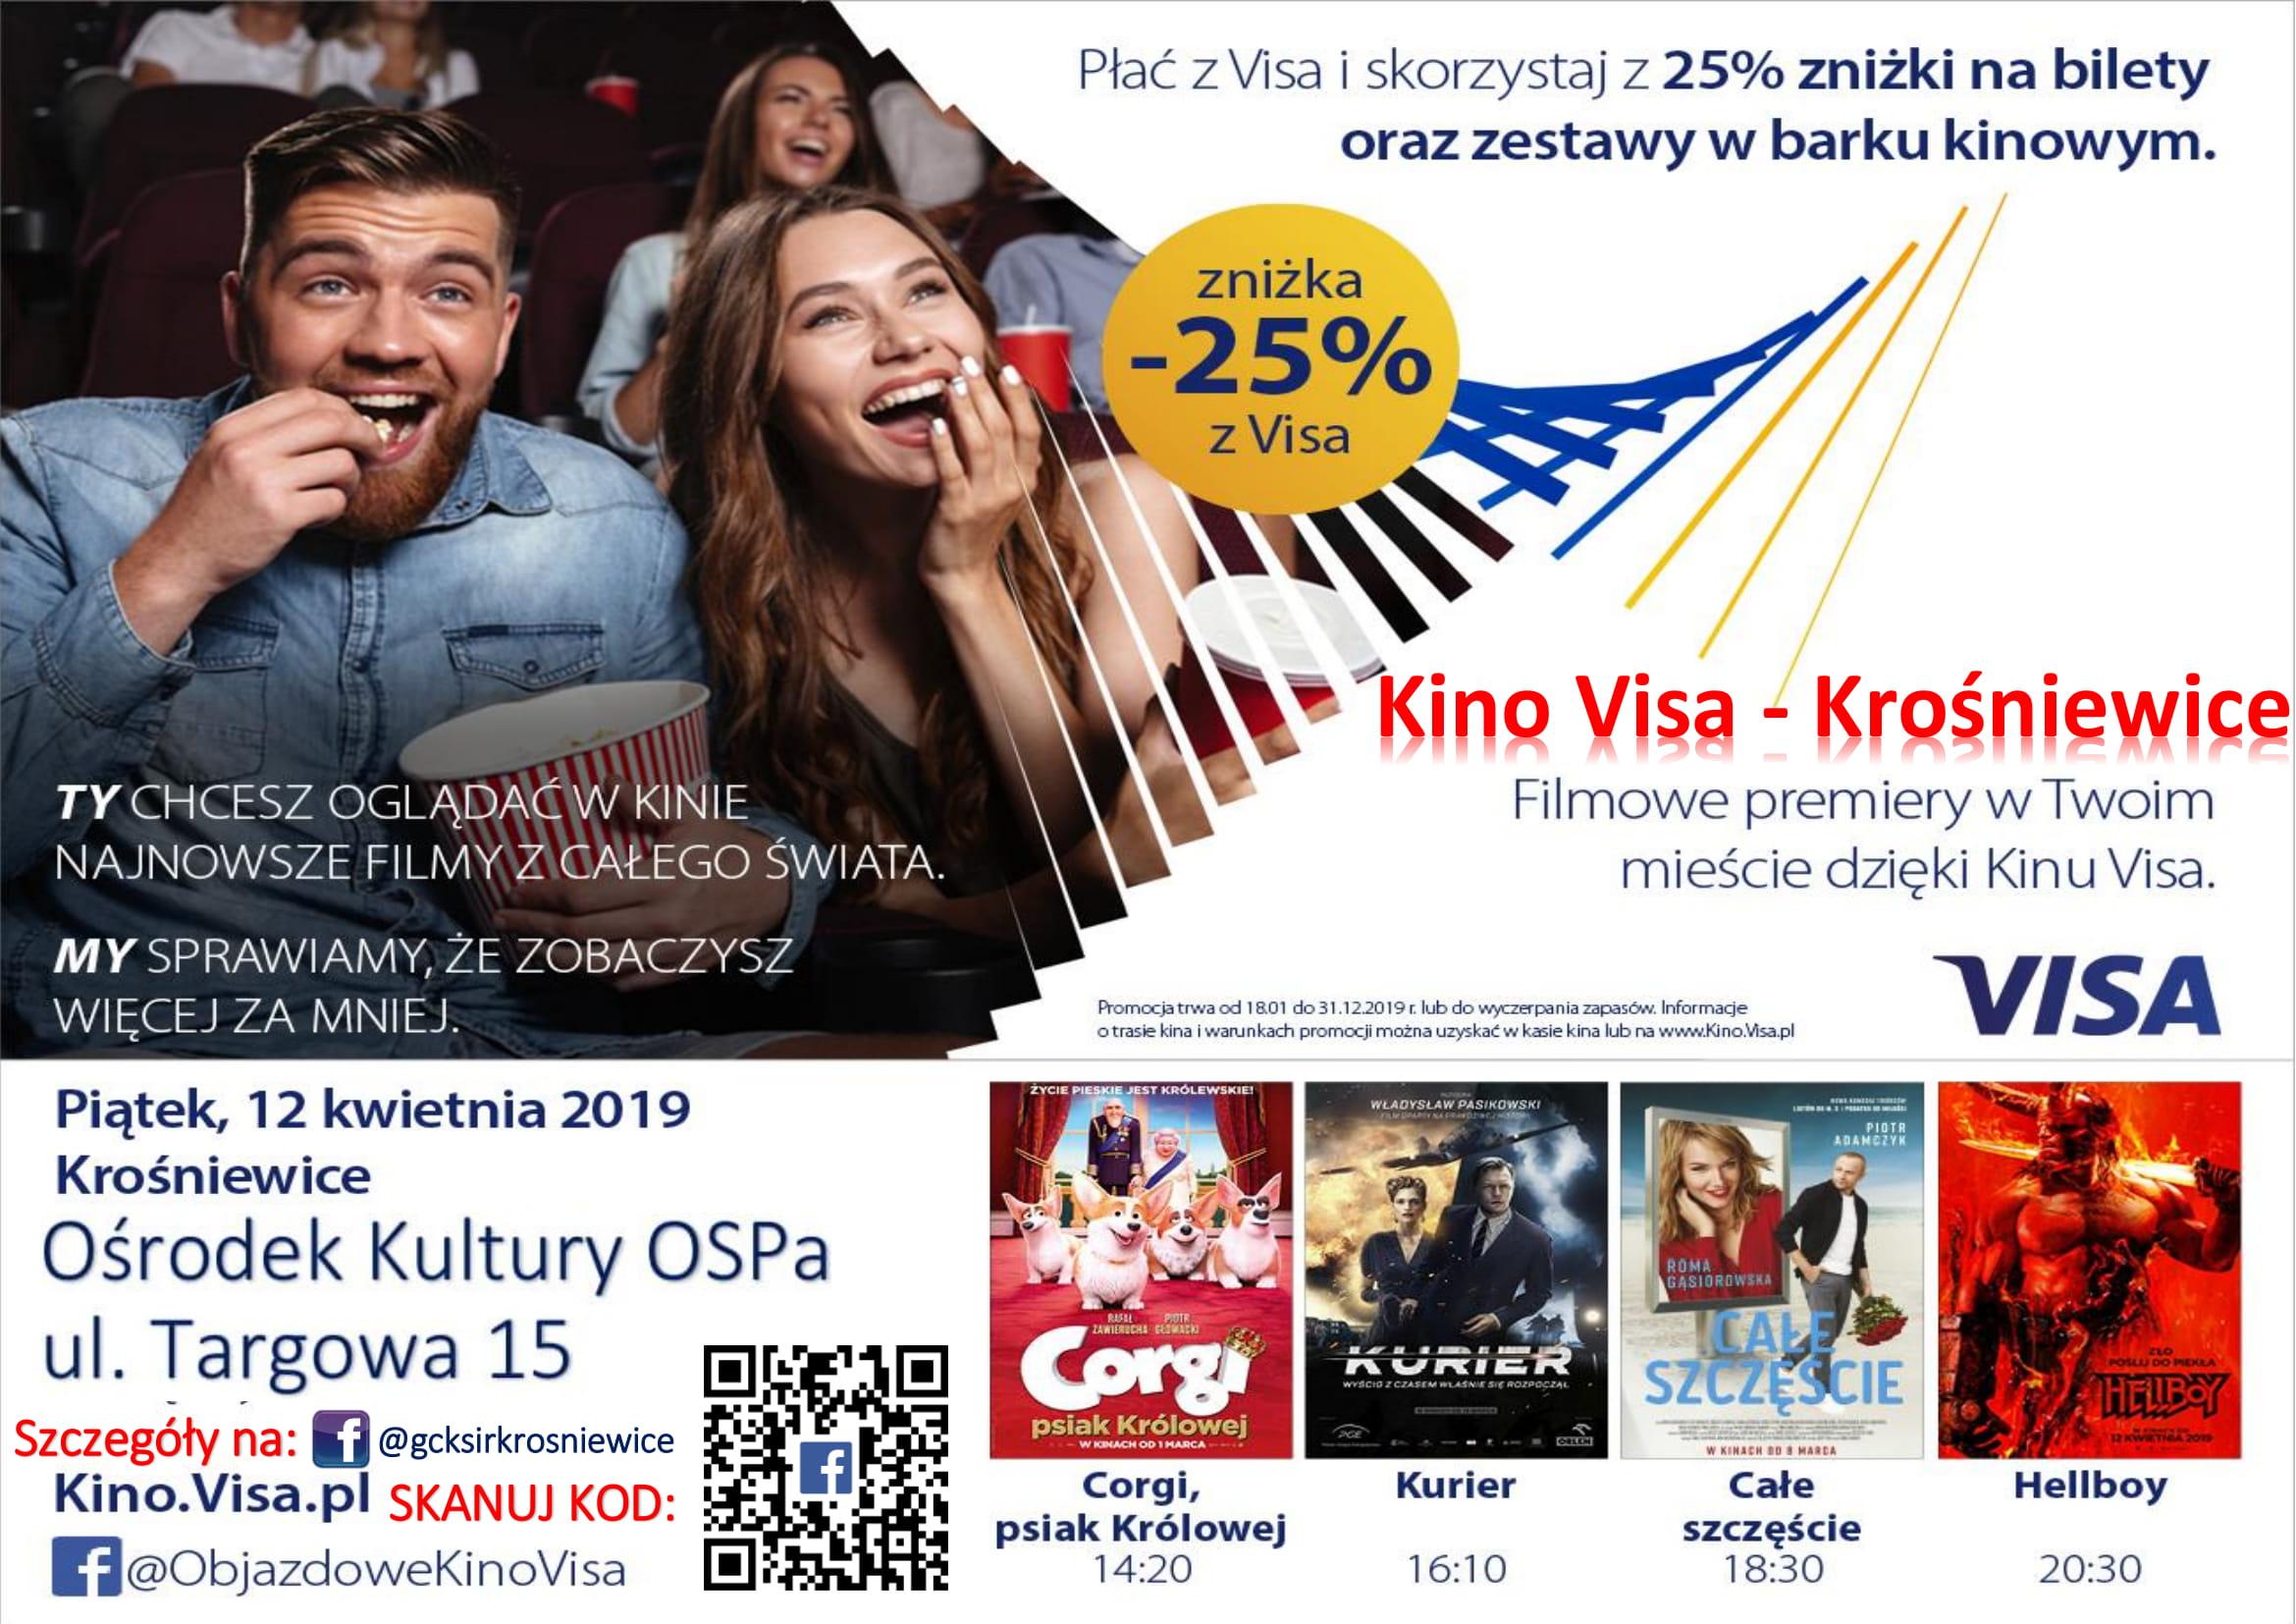 Kino Visa KC 1